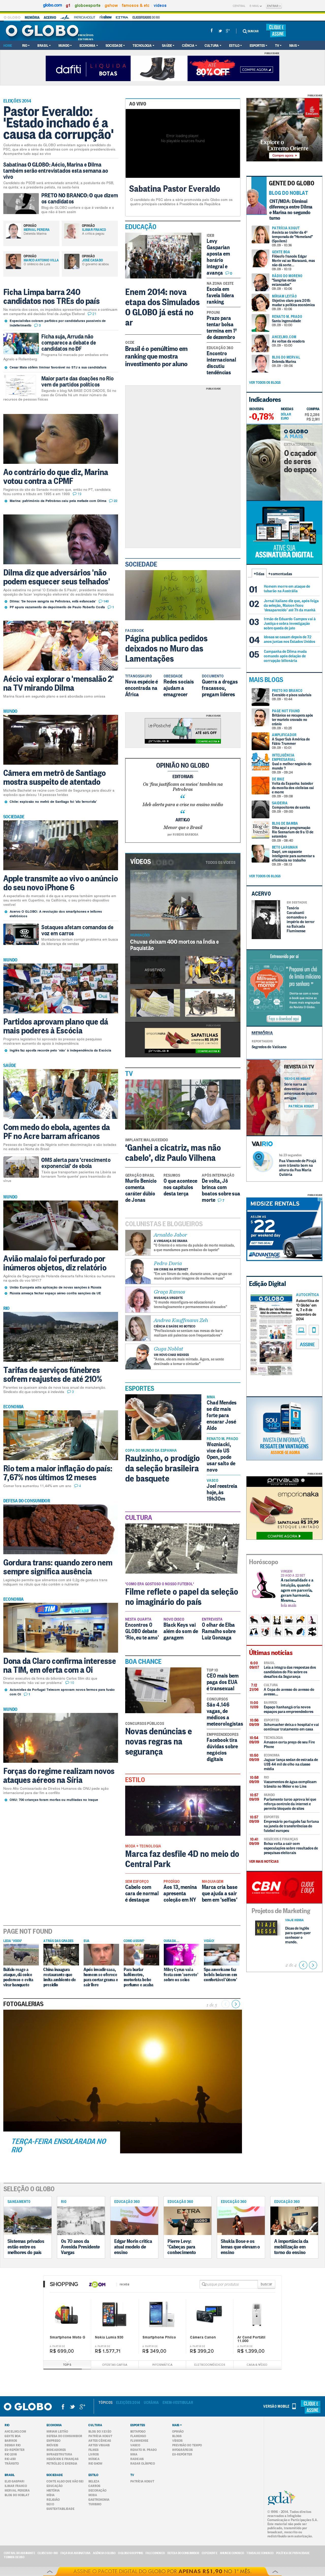 O Globo at Tuesday Sept. 9, 2014, 2:06 p.m. UTC